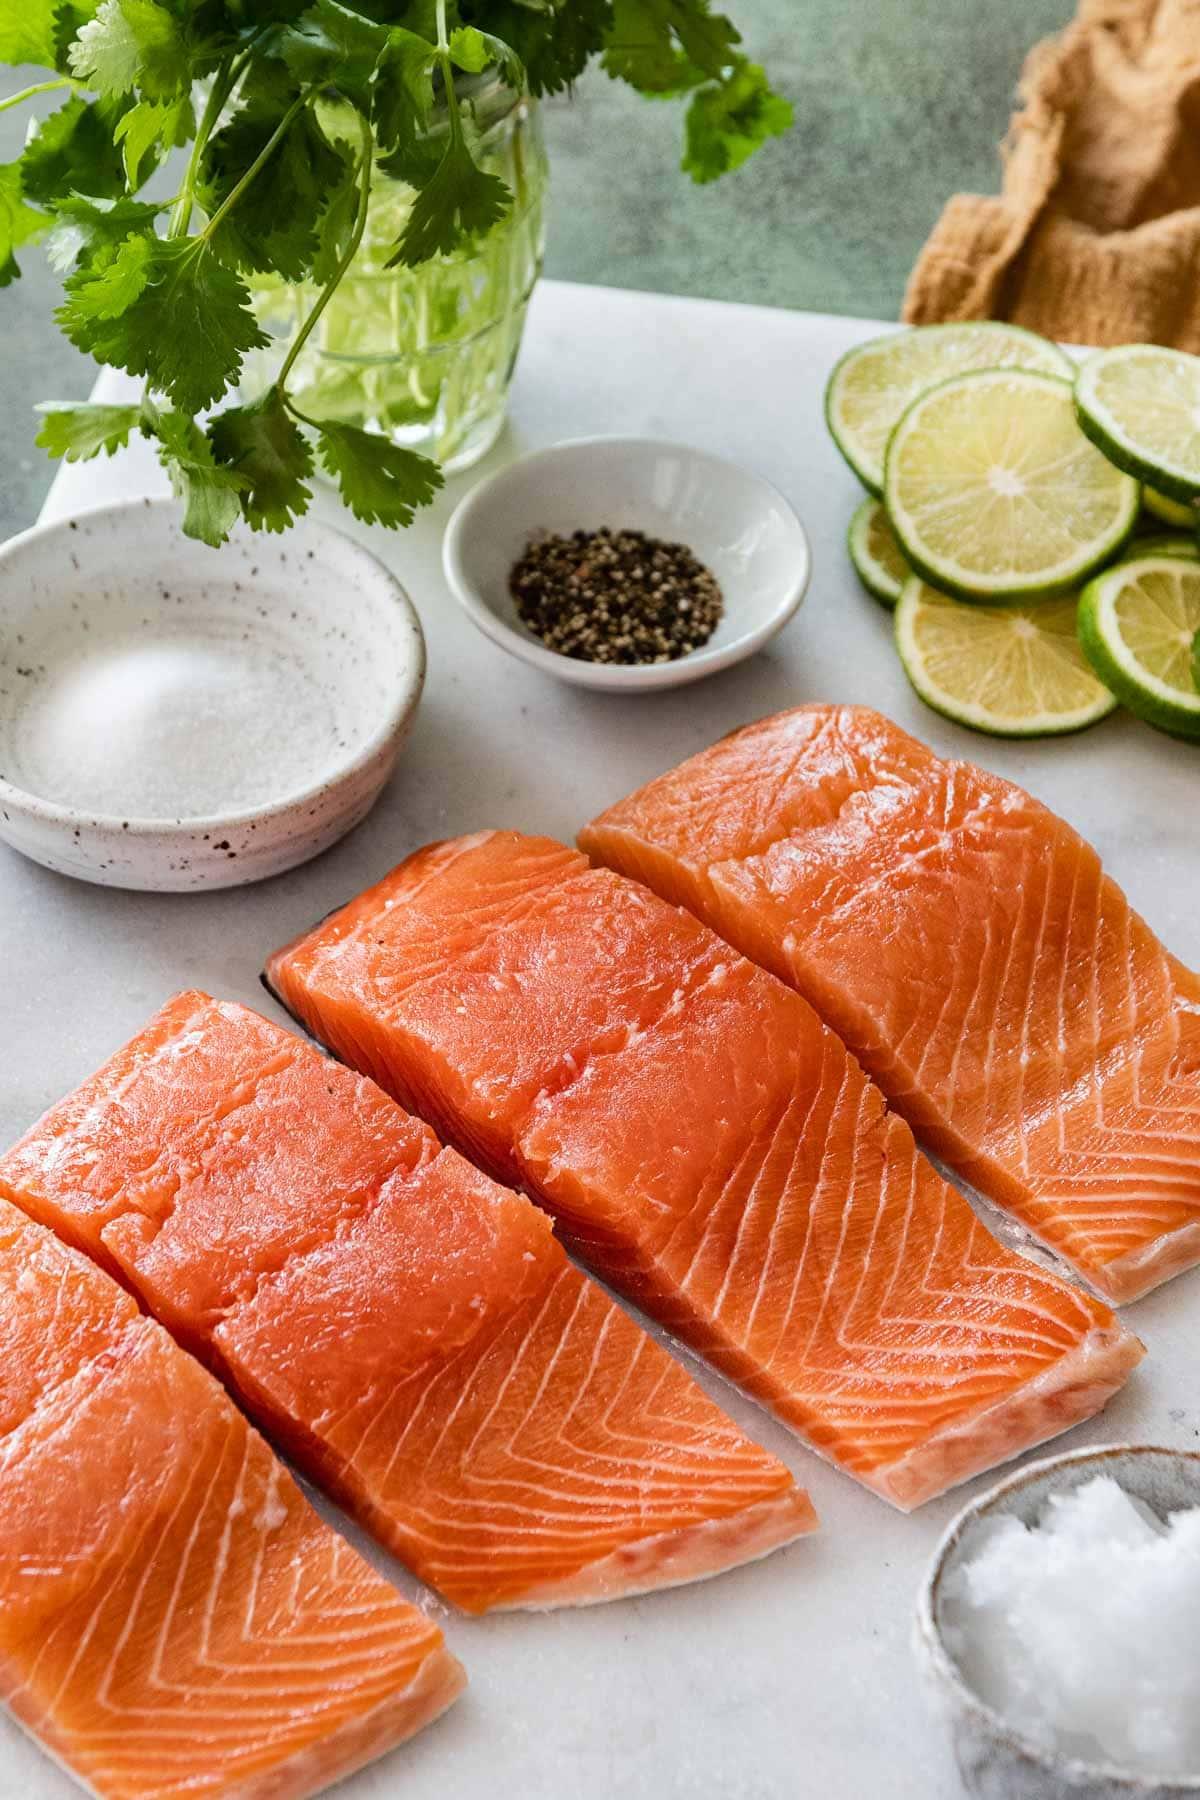 Baked Thai Peanut Salmon salmon on cutting board